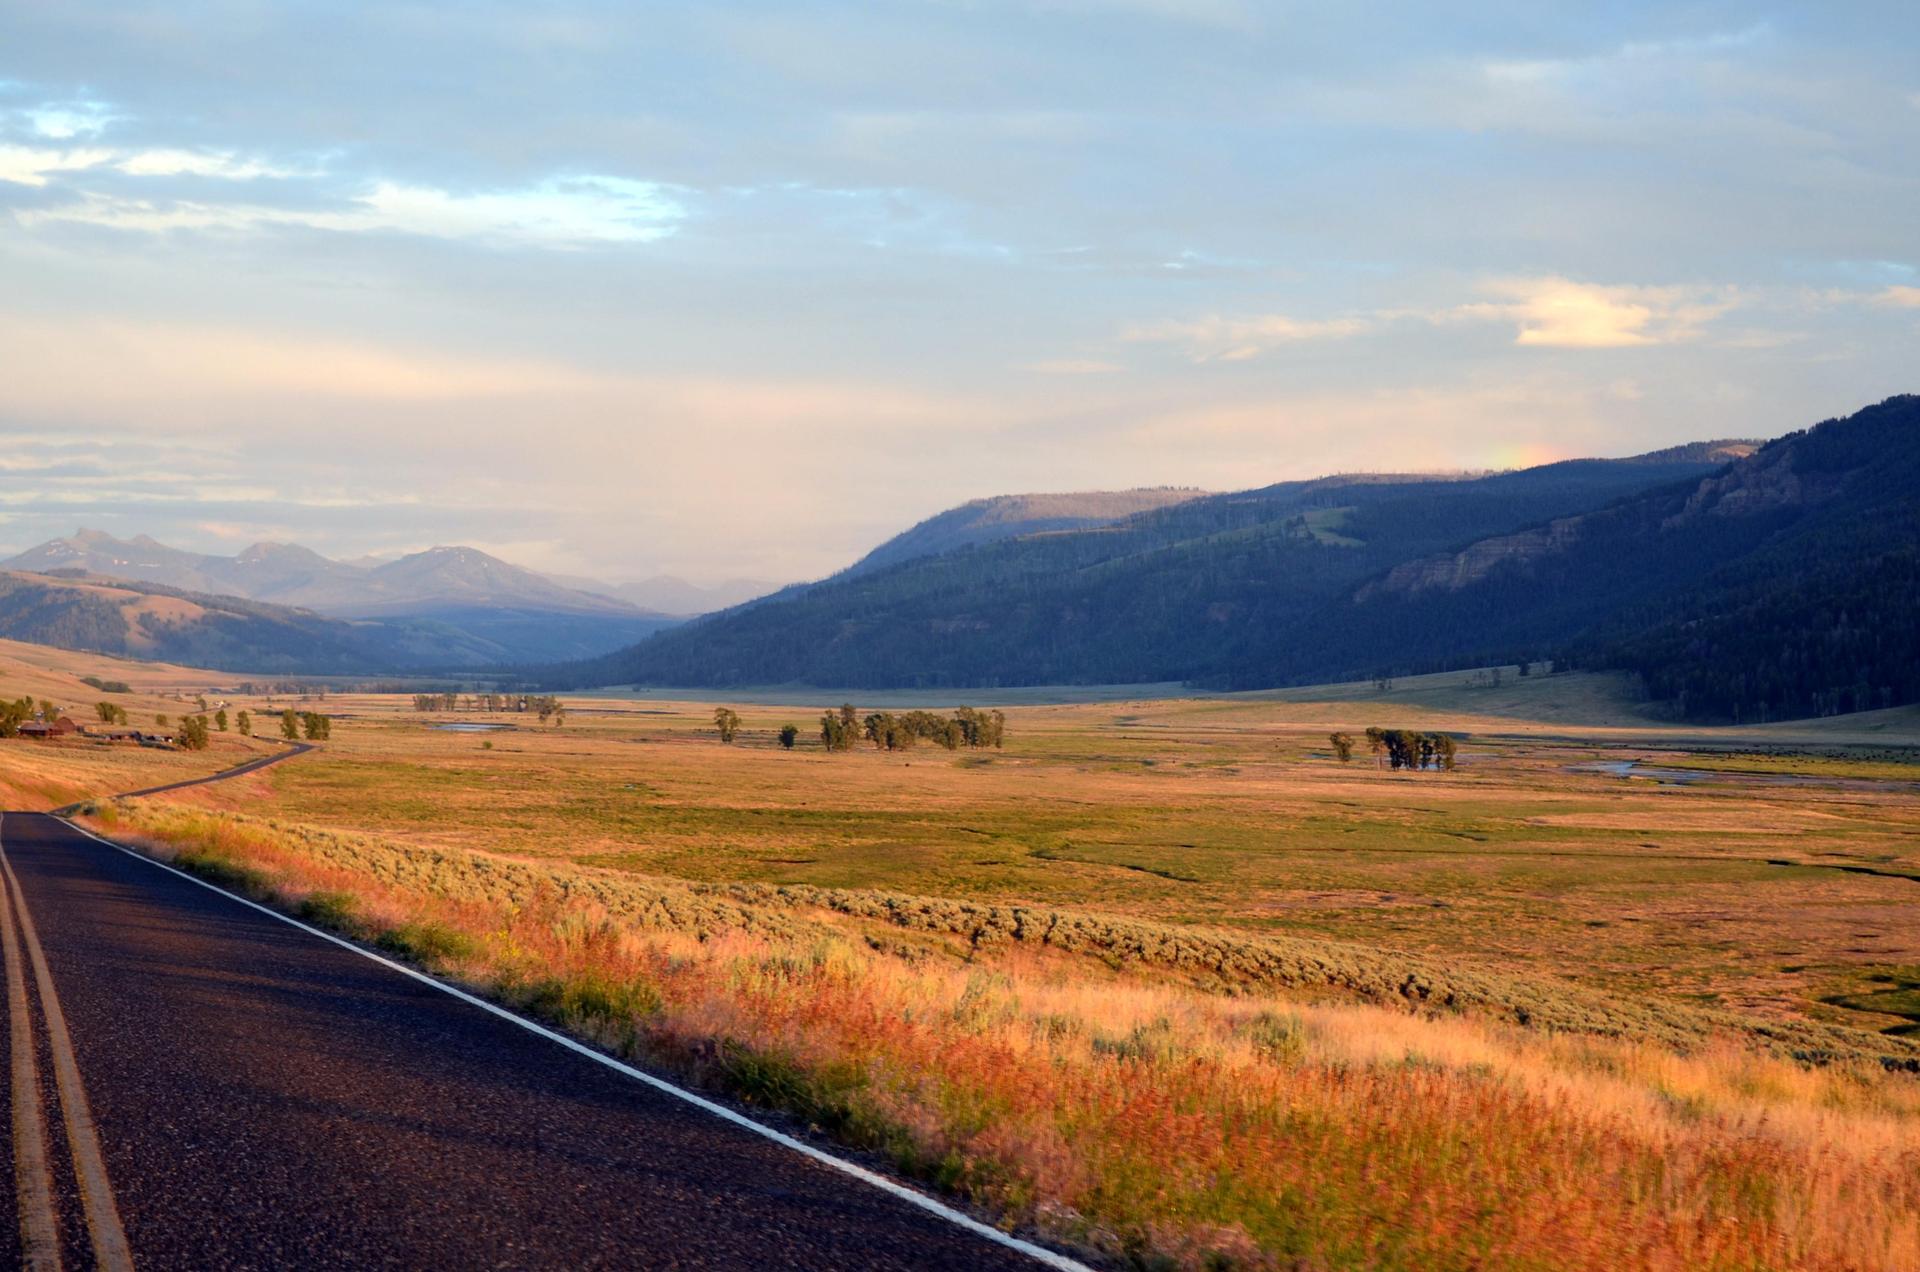 Lamar Valley at Yellowstone National Park